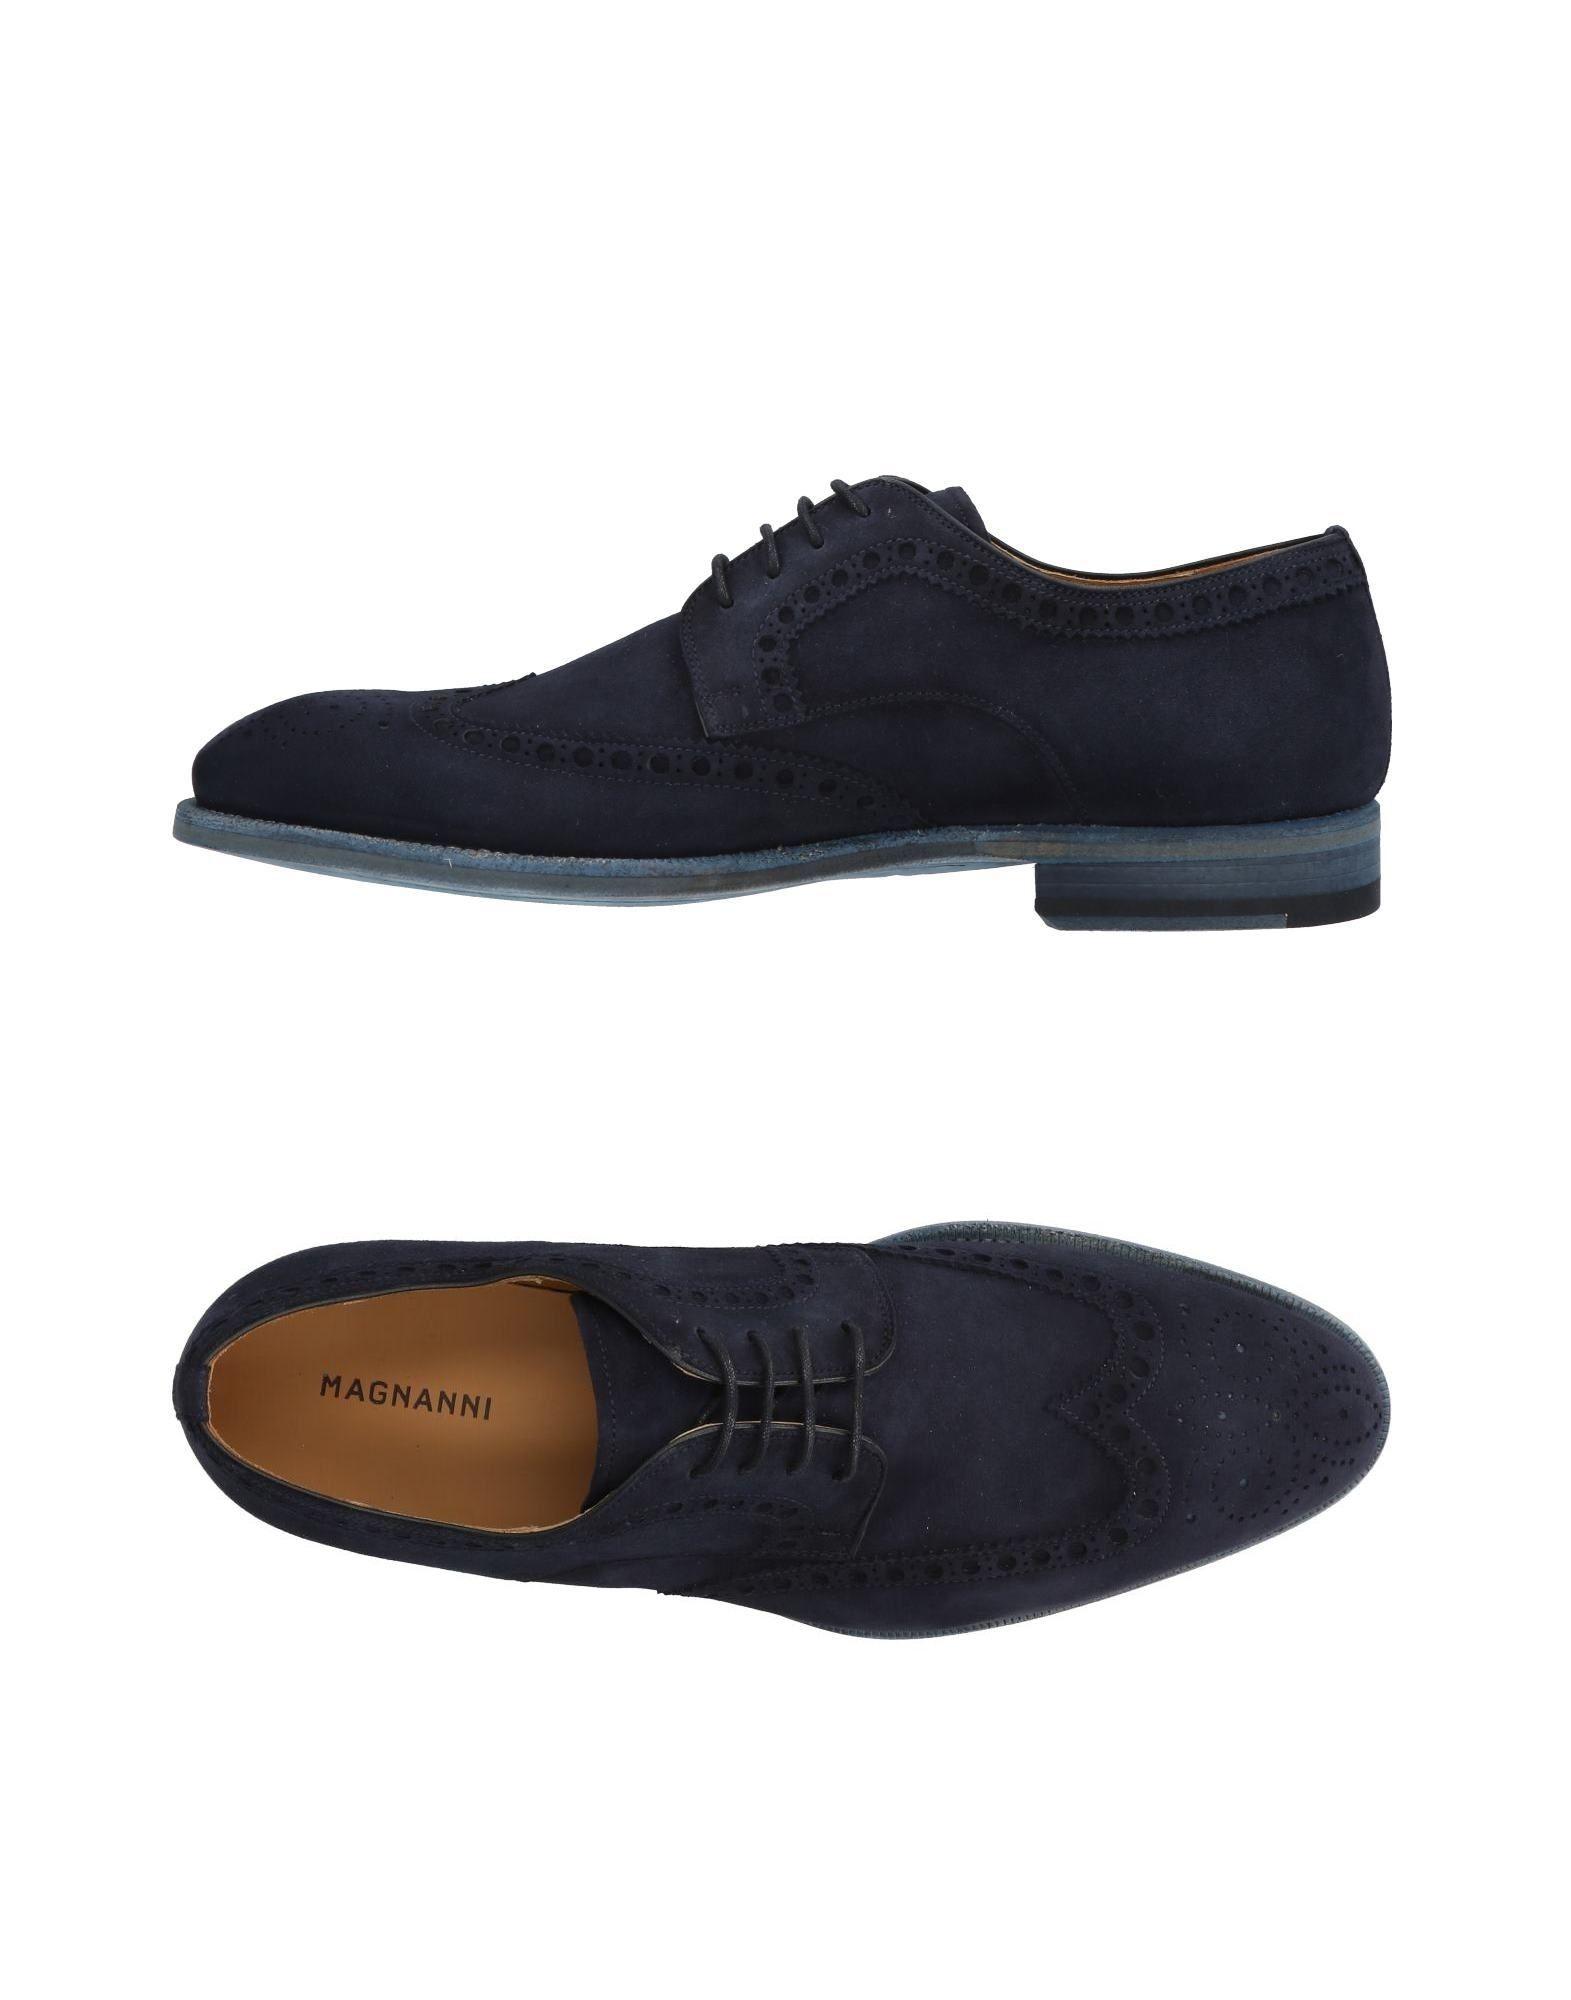 CHAUSSURES - Chaussures à lacetsMagnanni 0RMqi